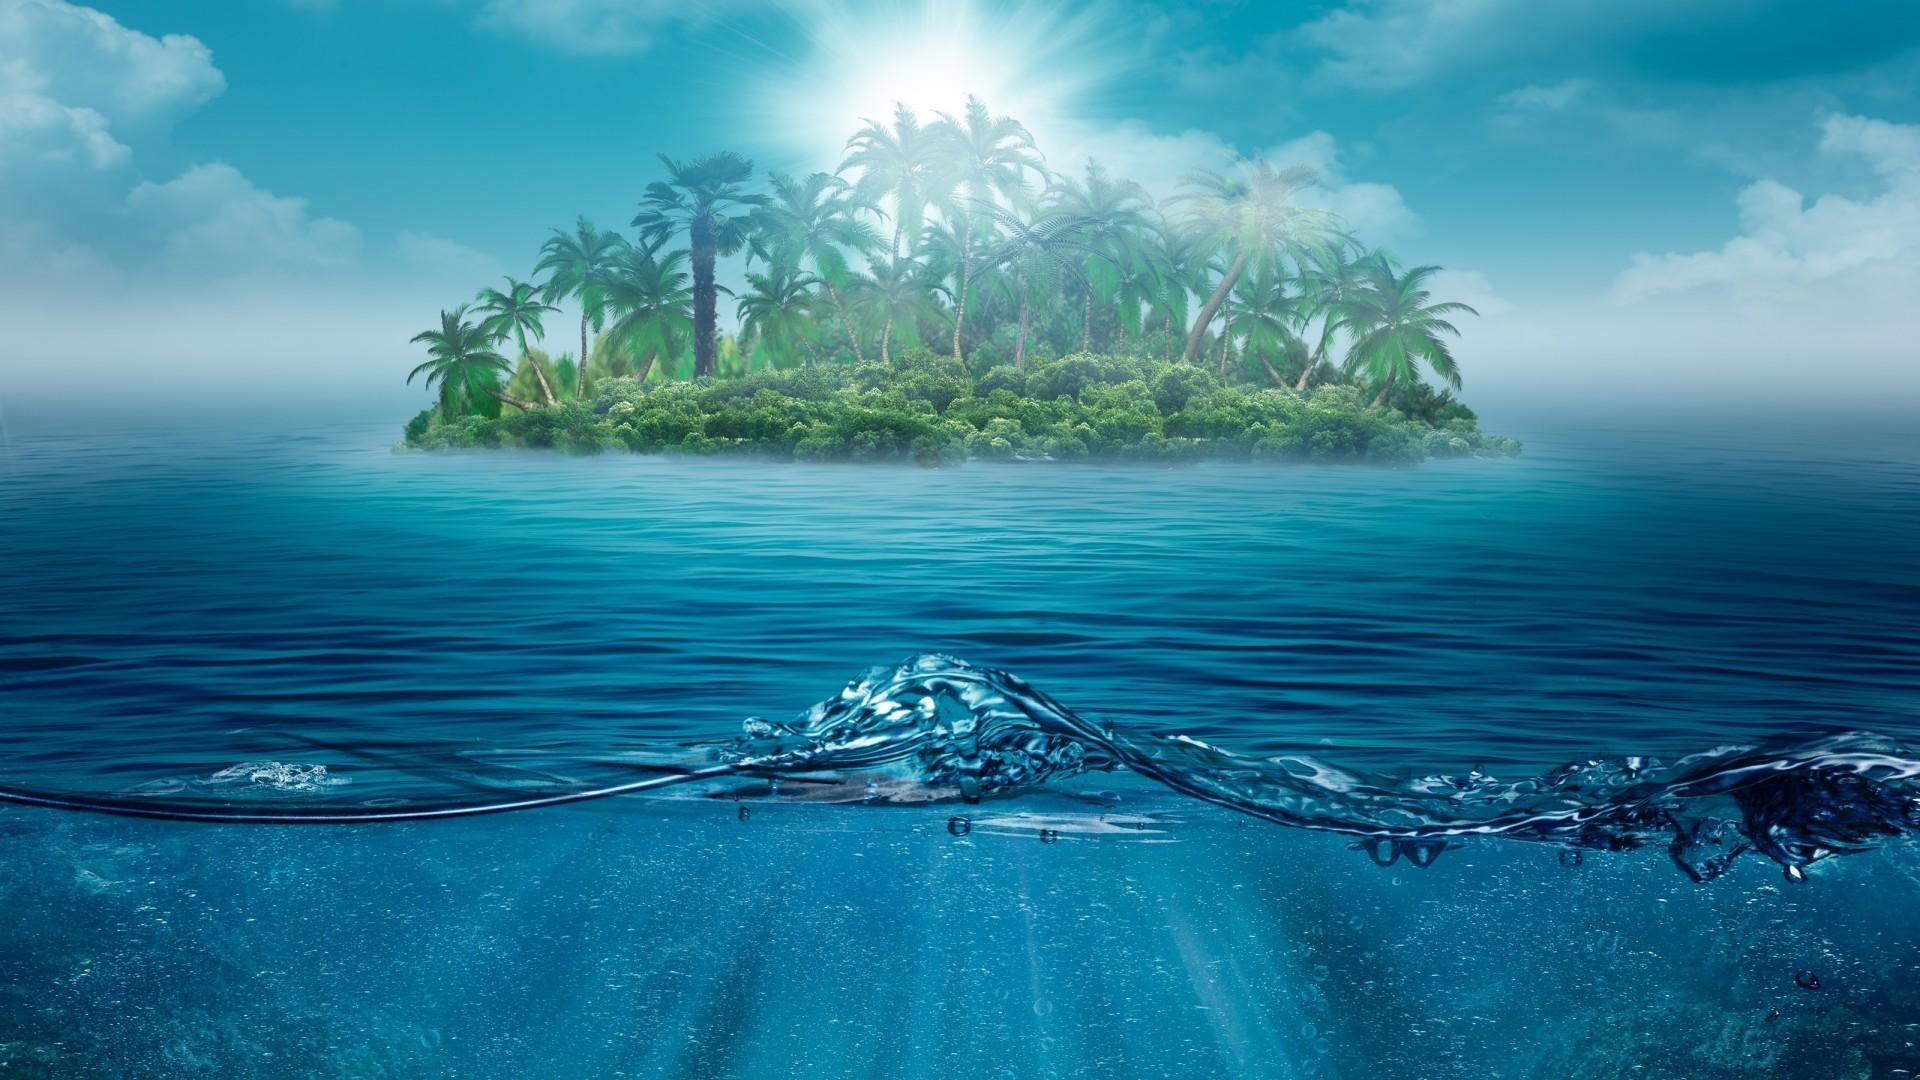 острова картинки на аватарку зло